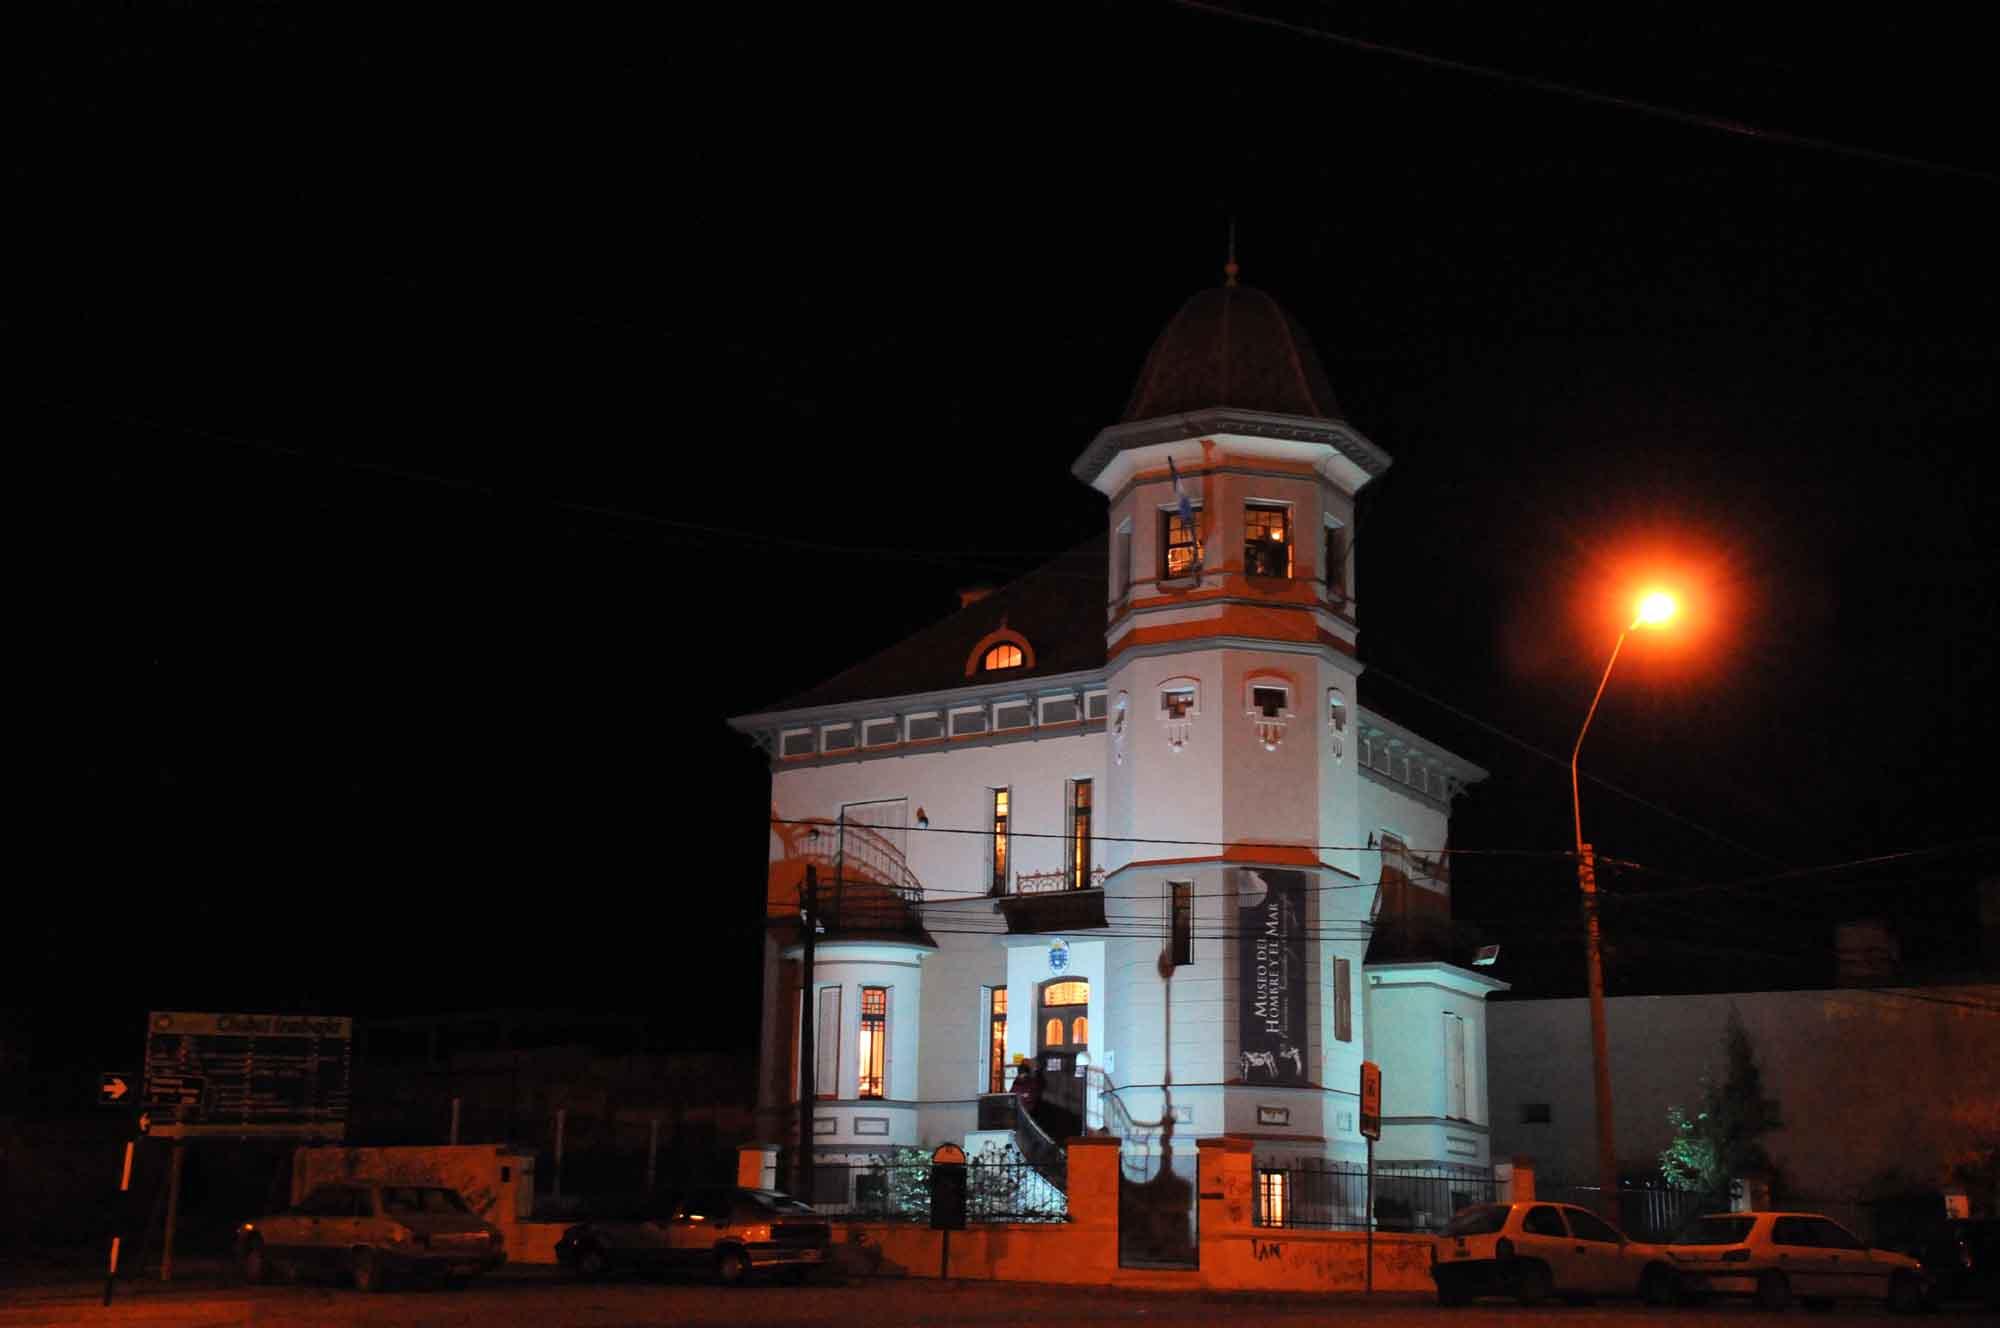 Museo Provincial  de Ciencias Naturalez y Oceanografico (Domec Garcia y Jose Menendez - tel 0280 445-1139)